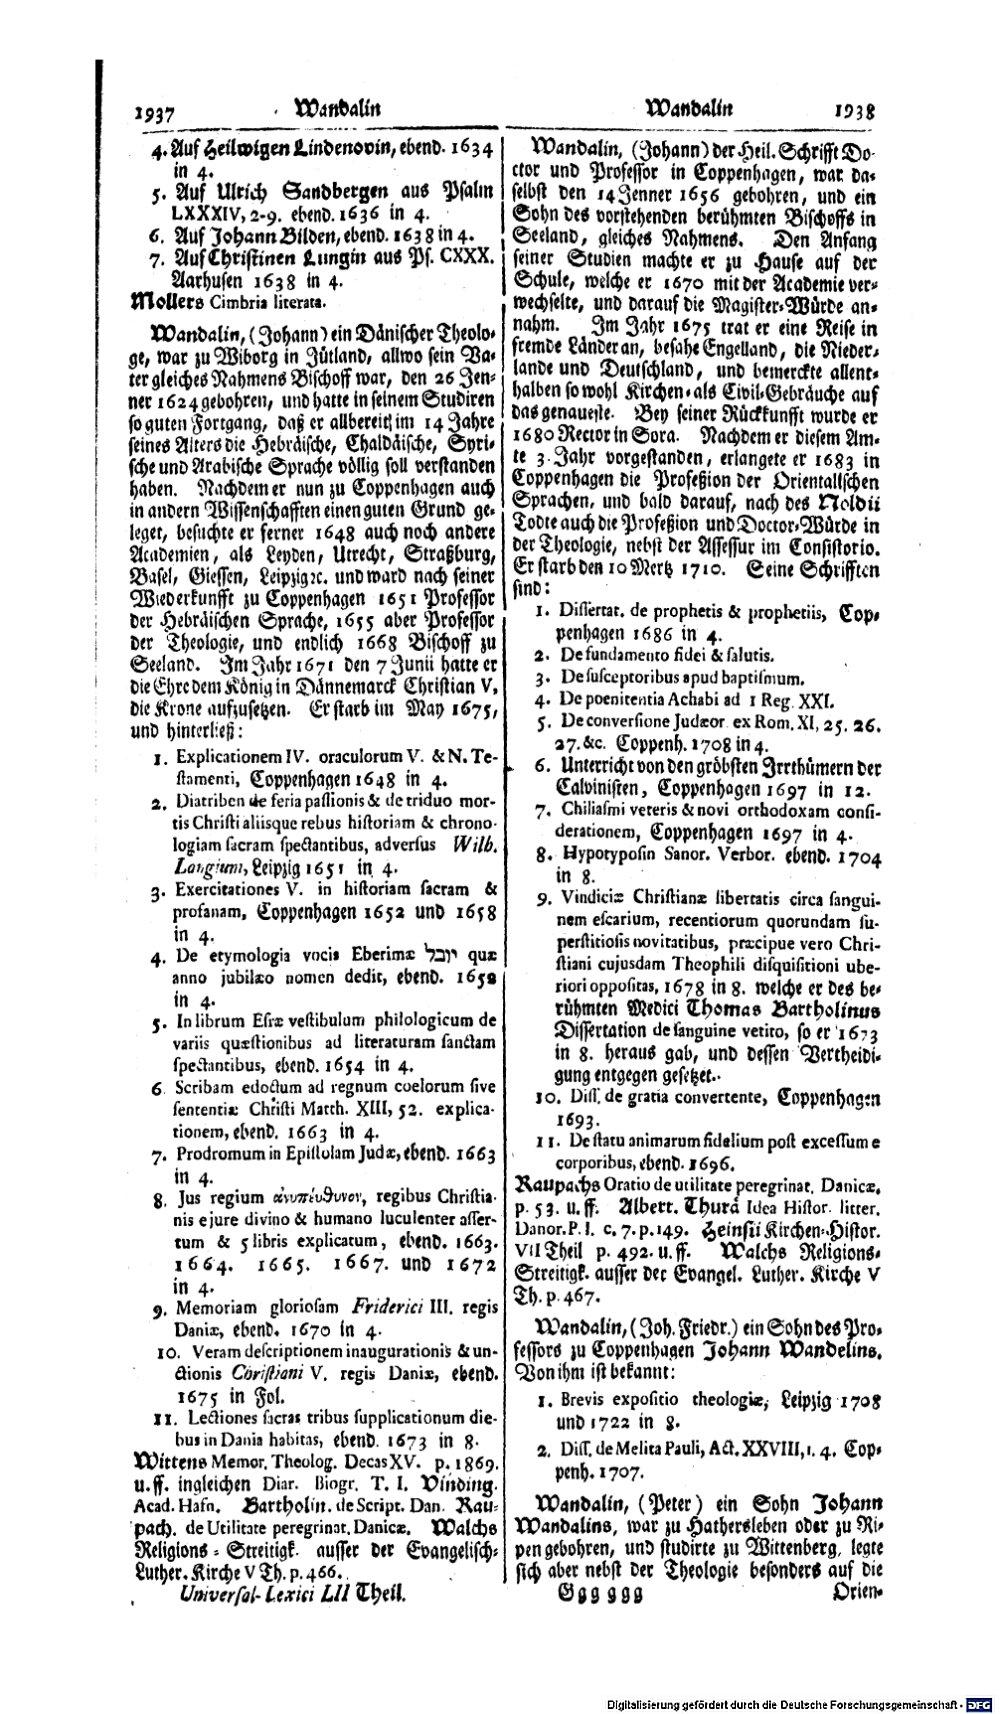 Bd. 52, Seite 0982.